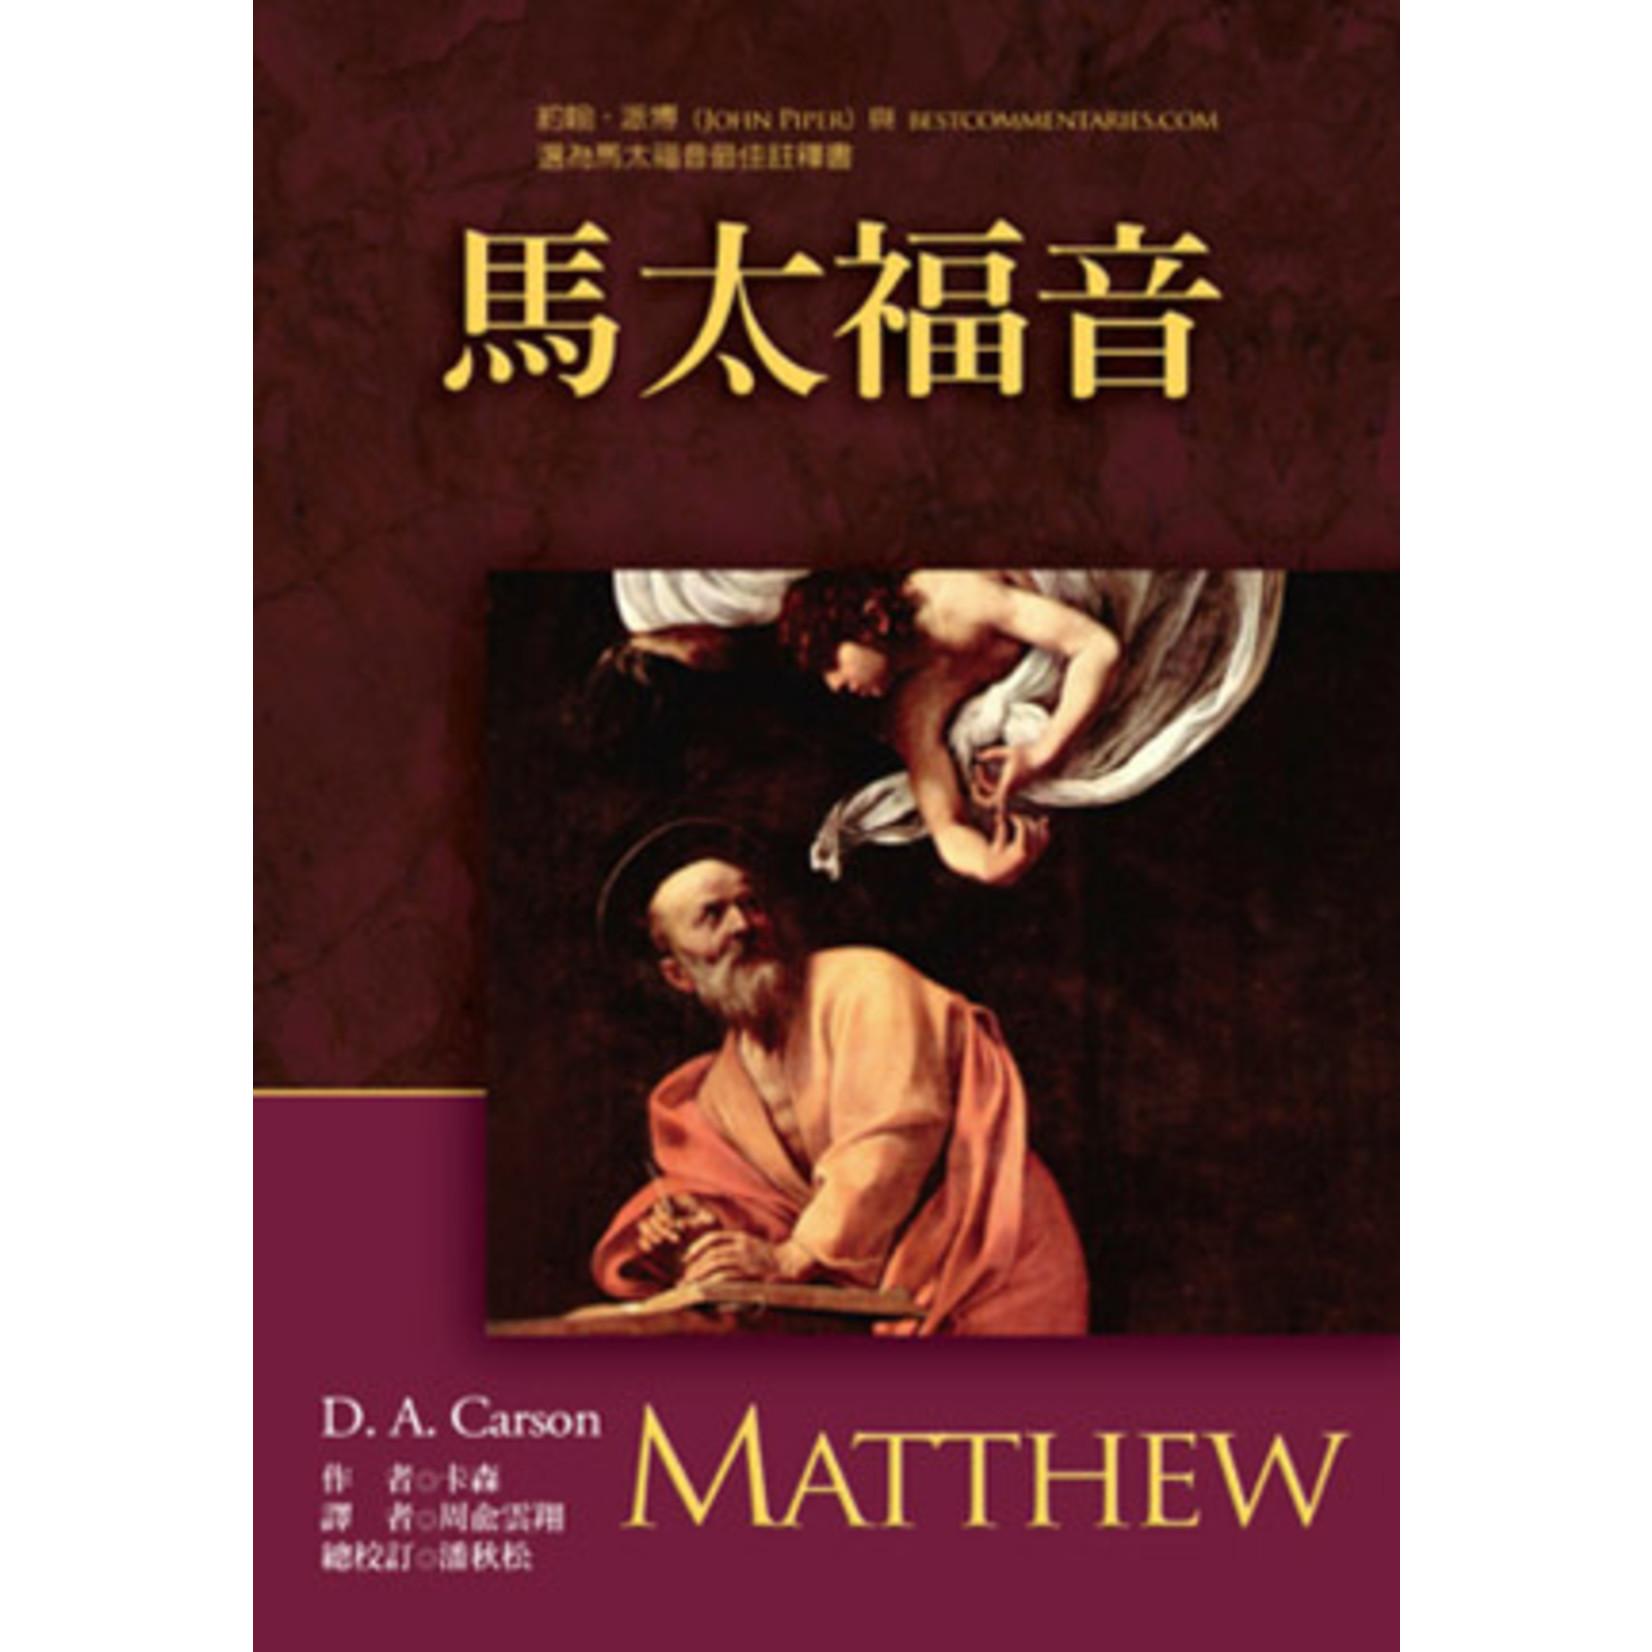 美國麥種傳道會 AKOWCM 麥種聖經註釋:馬太福音 Matthew (REBC)